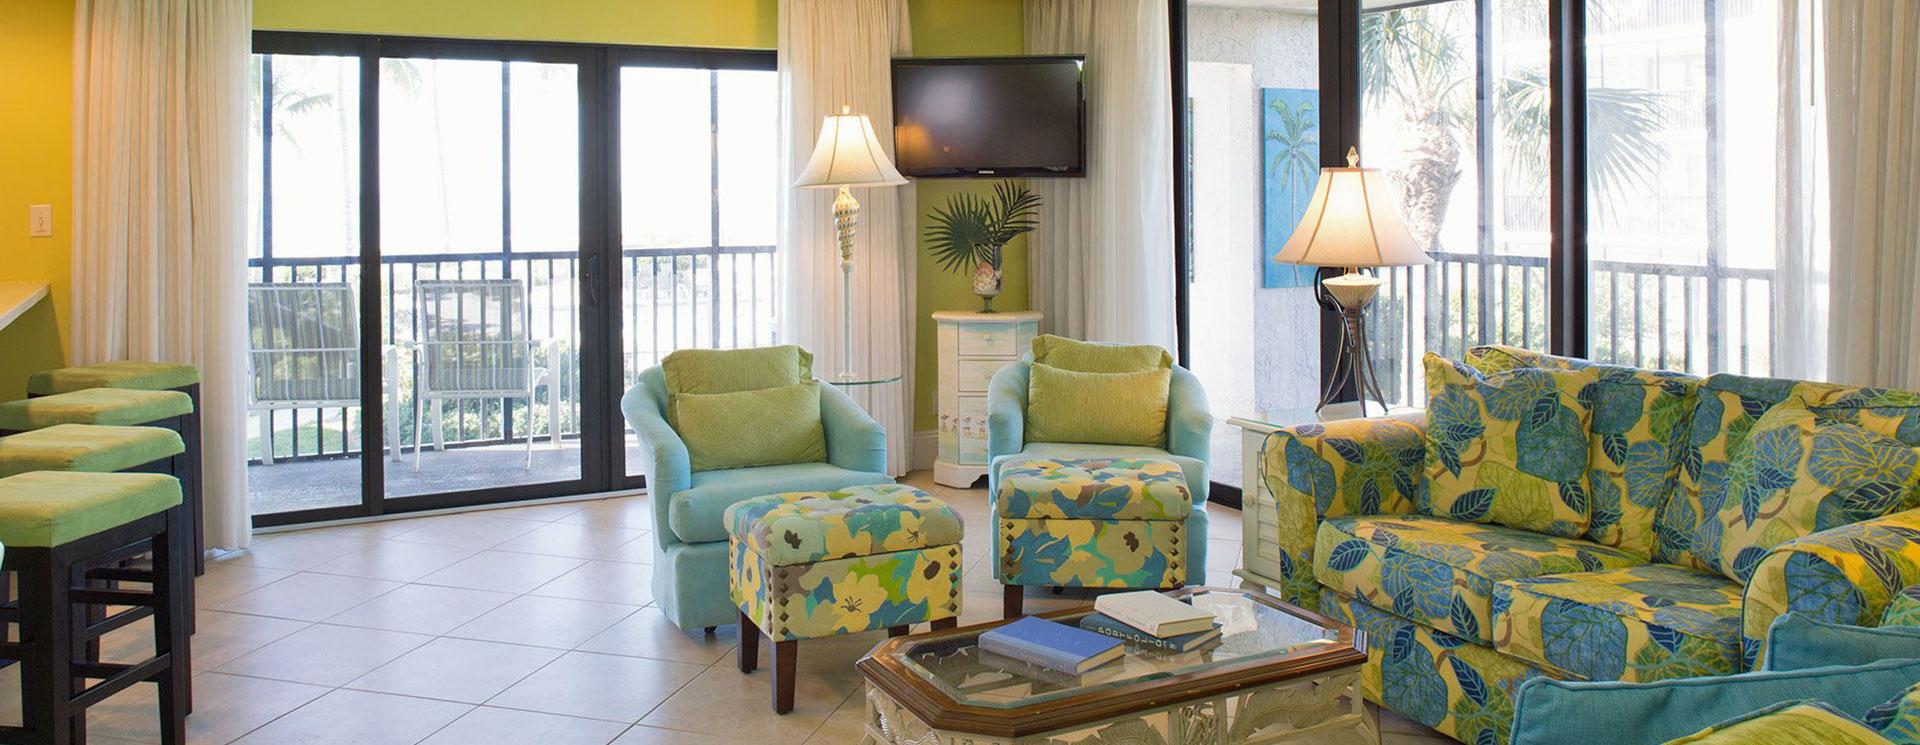 two bedroom  sanibel luxury accommodations  florida